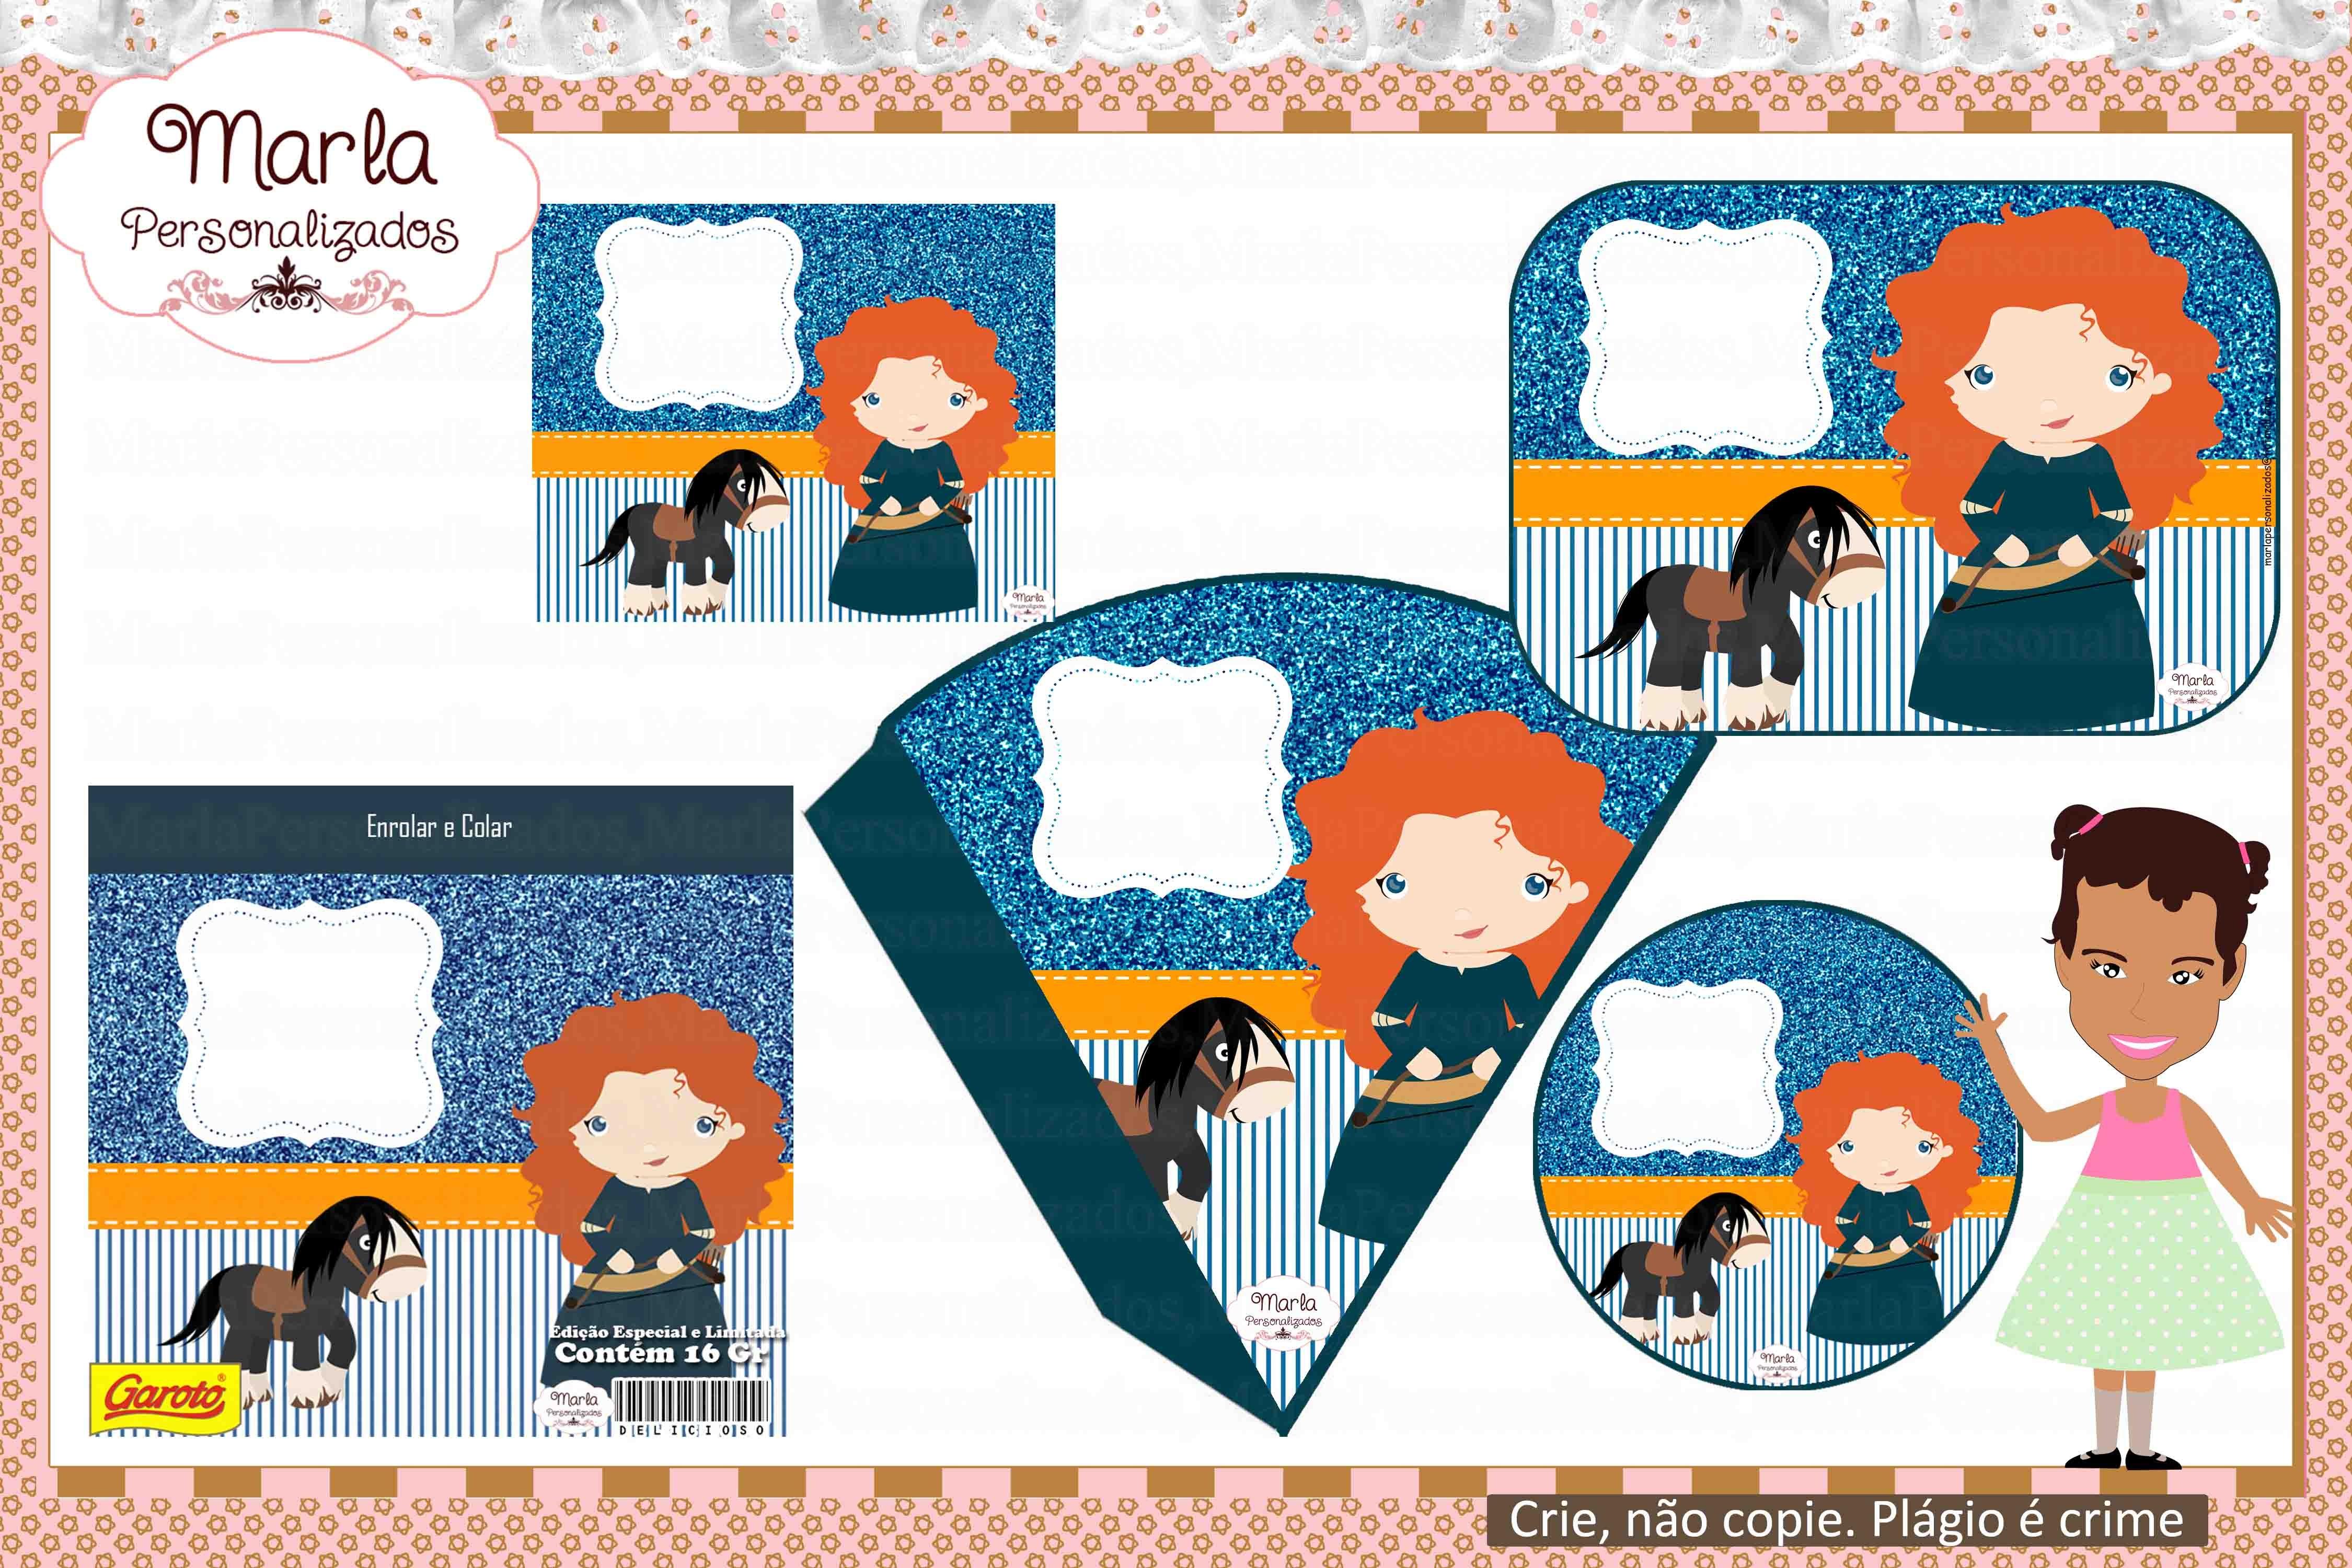 gujarati keyboard image r0F49